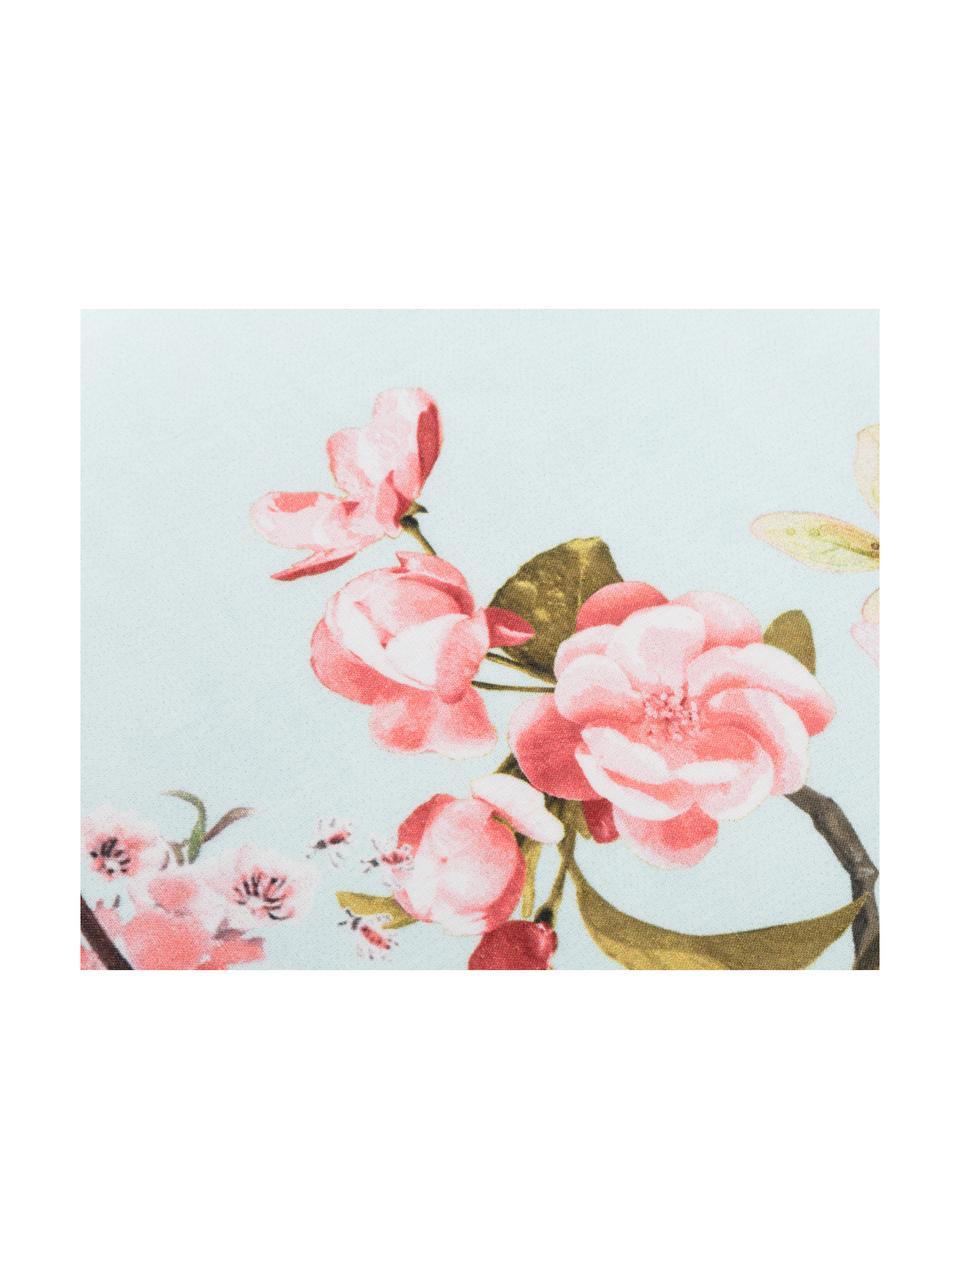 Dubbelzijdig dekbedovertrek Chinoiserie, Katoen, Bovenzijde: licht mintgroen, roze, groen. Onderzijde: wit, 140 x 200 cm